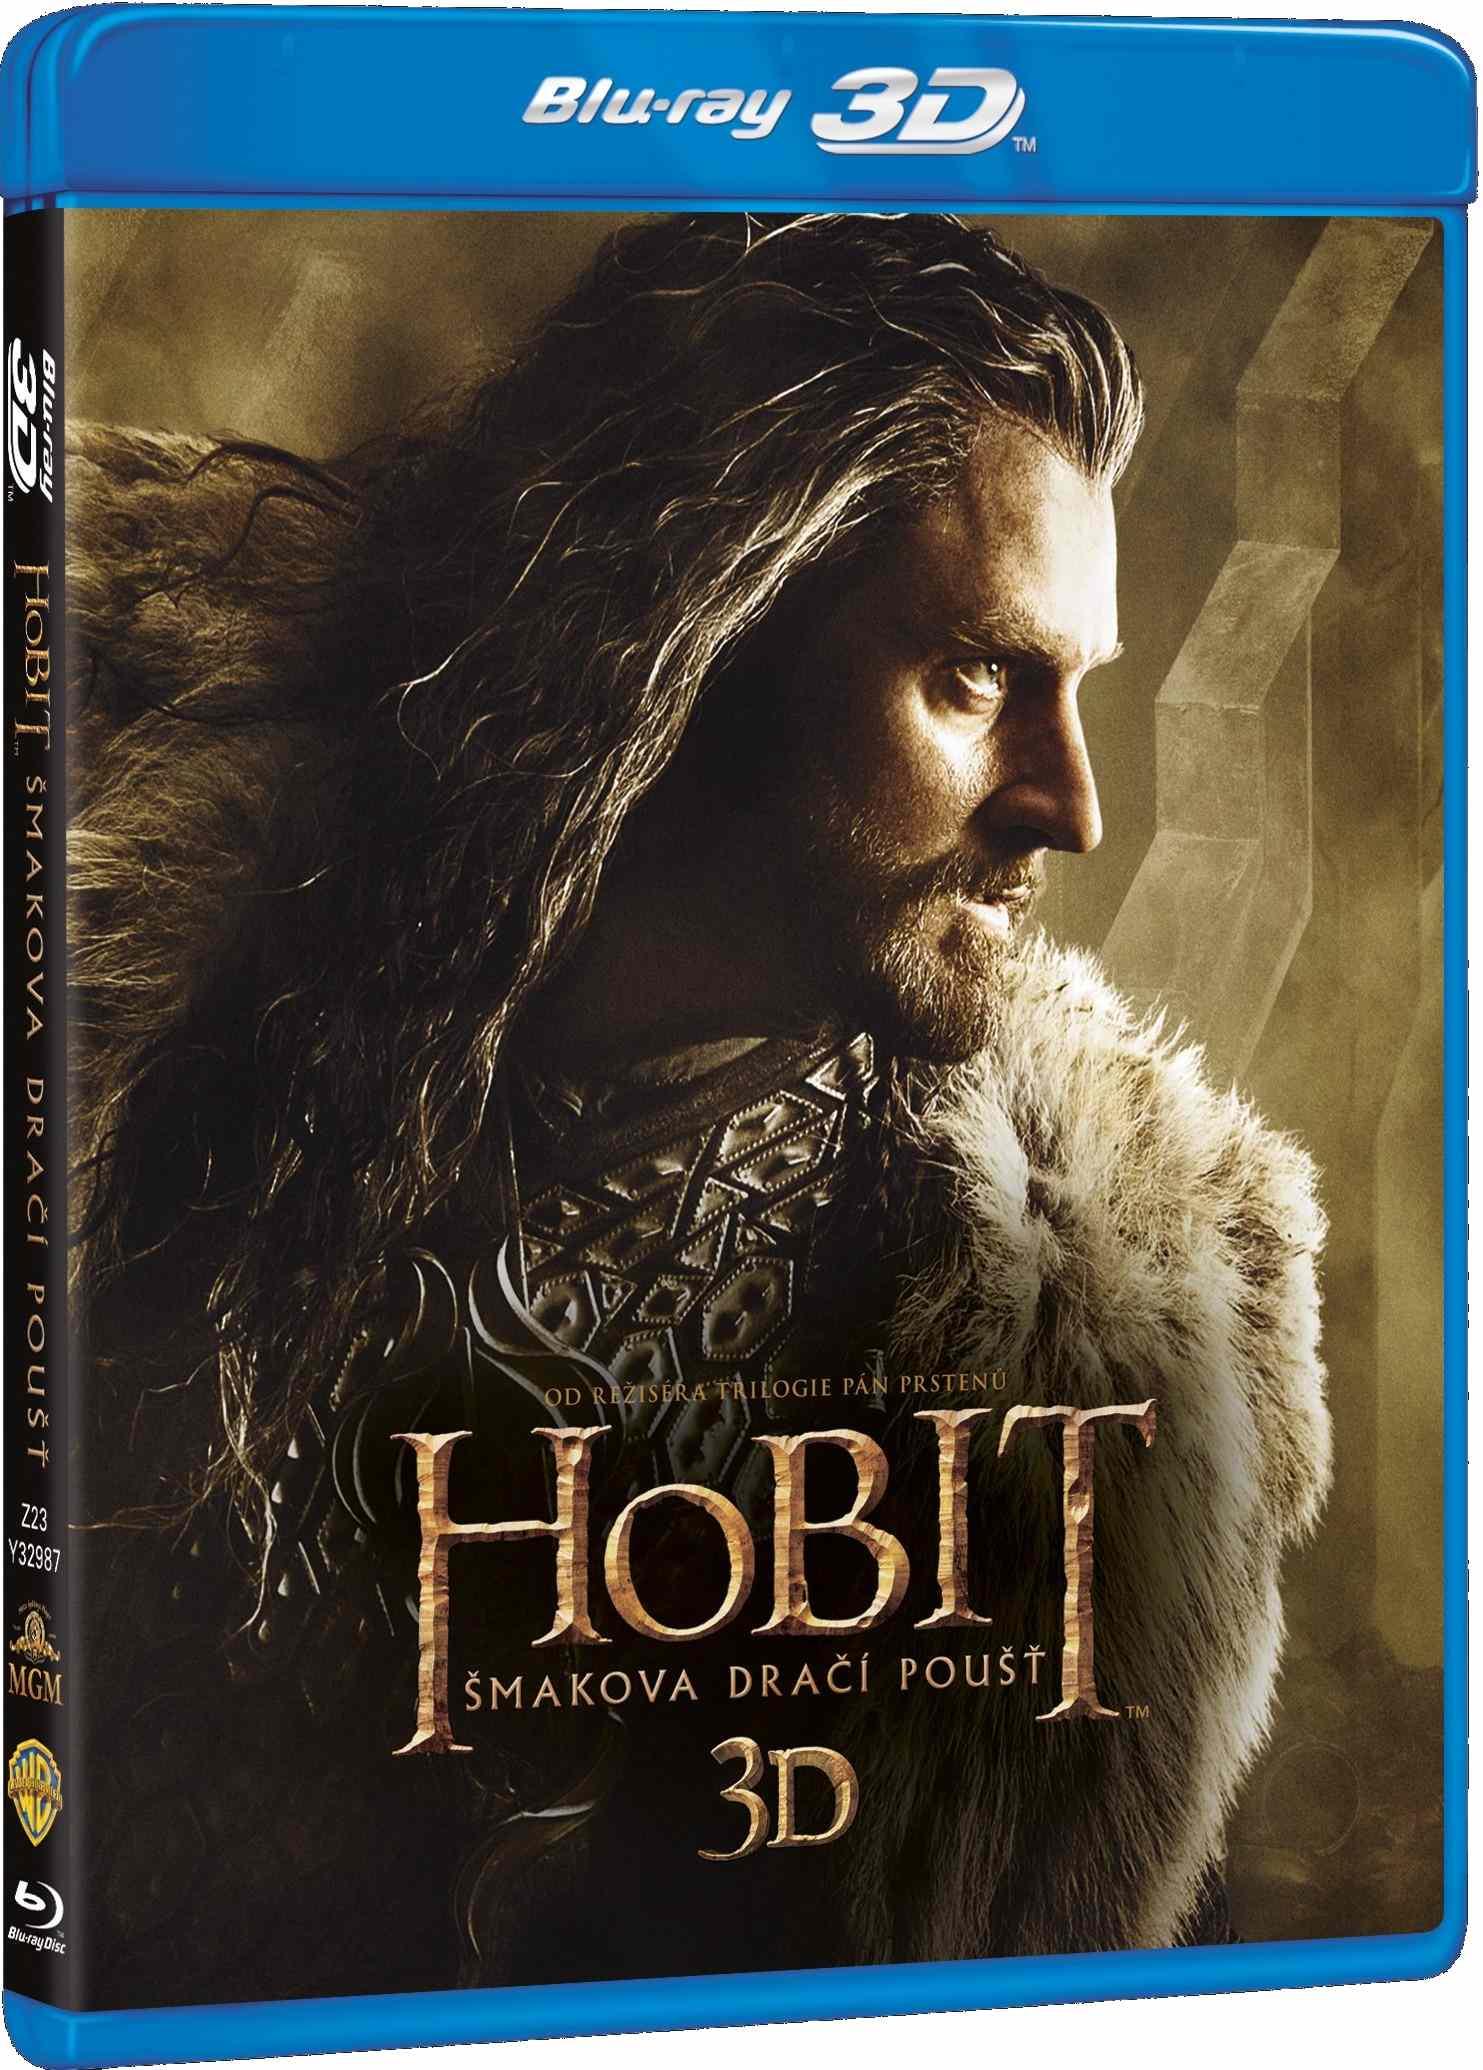 HOBIT: ŠMAKOVA DRAČÍ POUŠŤ - Blu-ray 3D + 2D